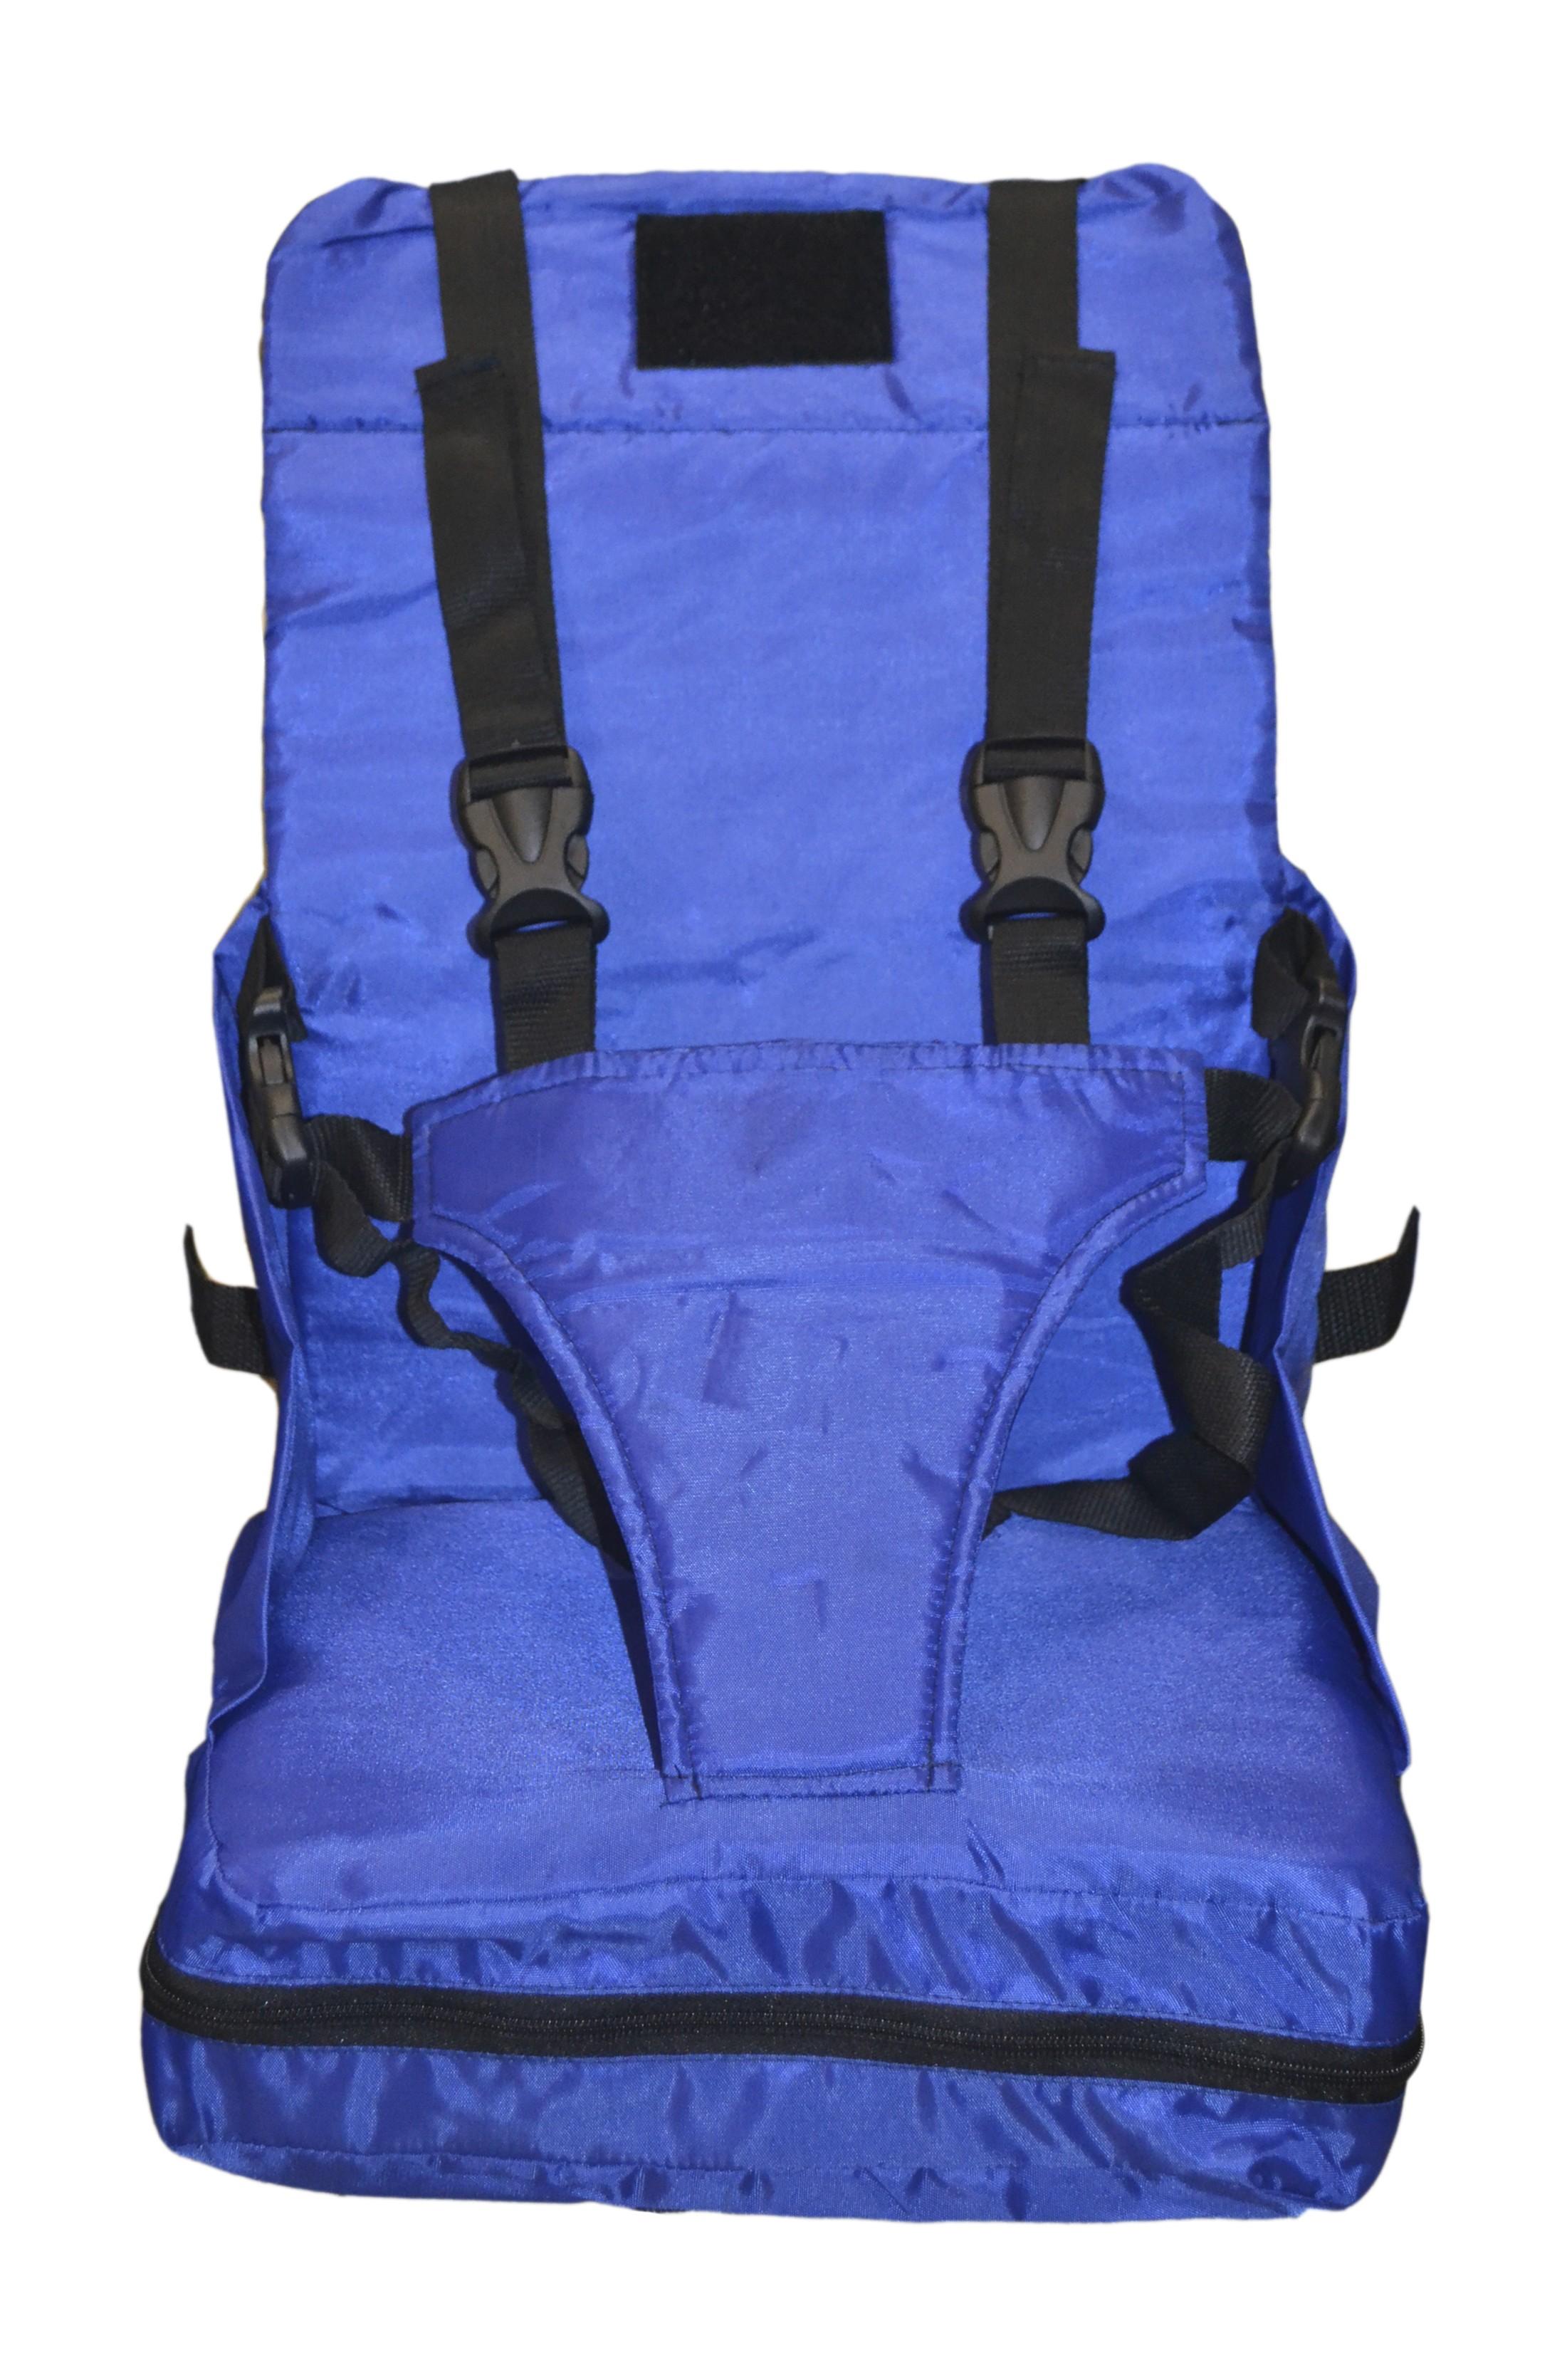 Стульчик для кормления Мирти Стульчик-бустер для кормления TravelSeat синий